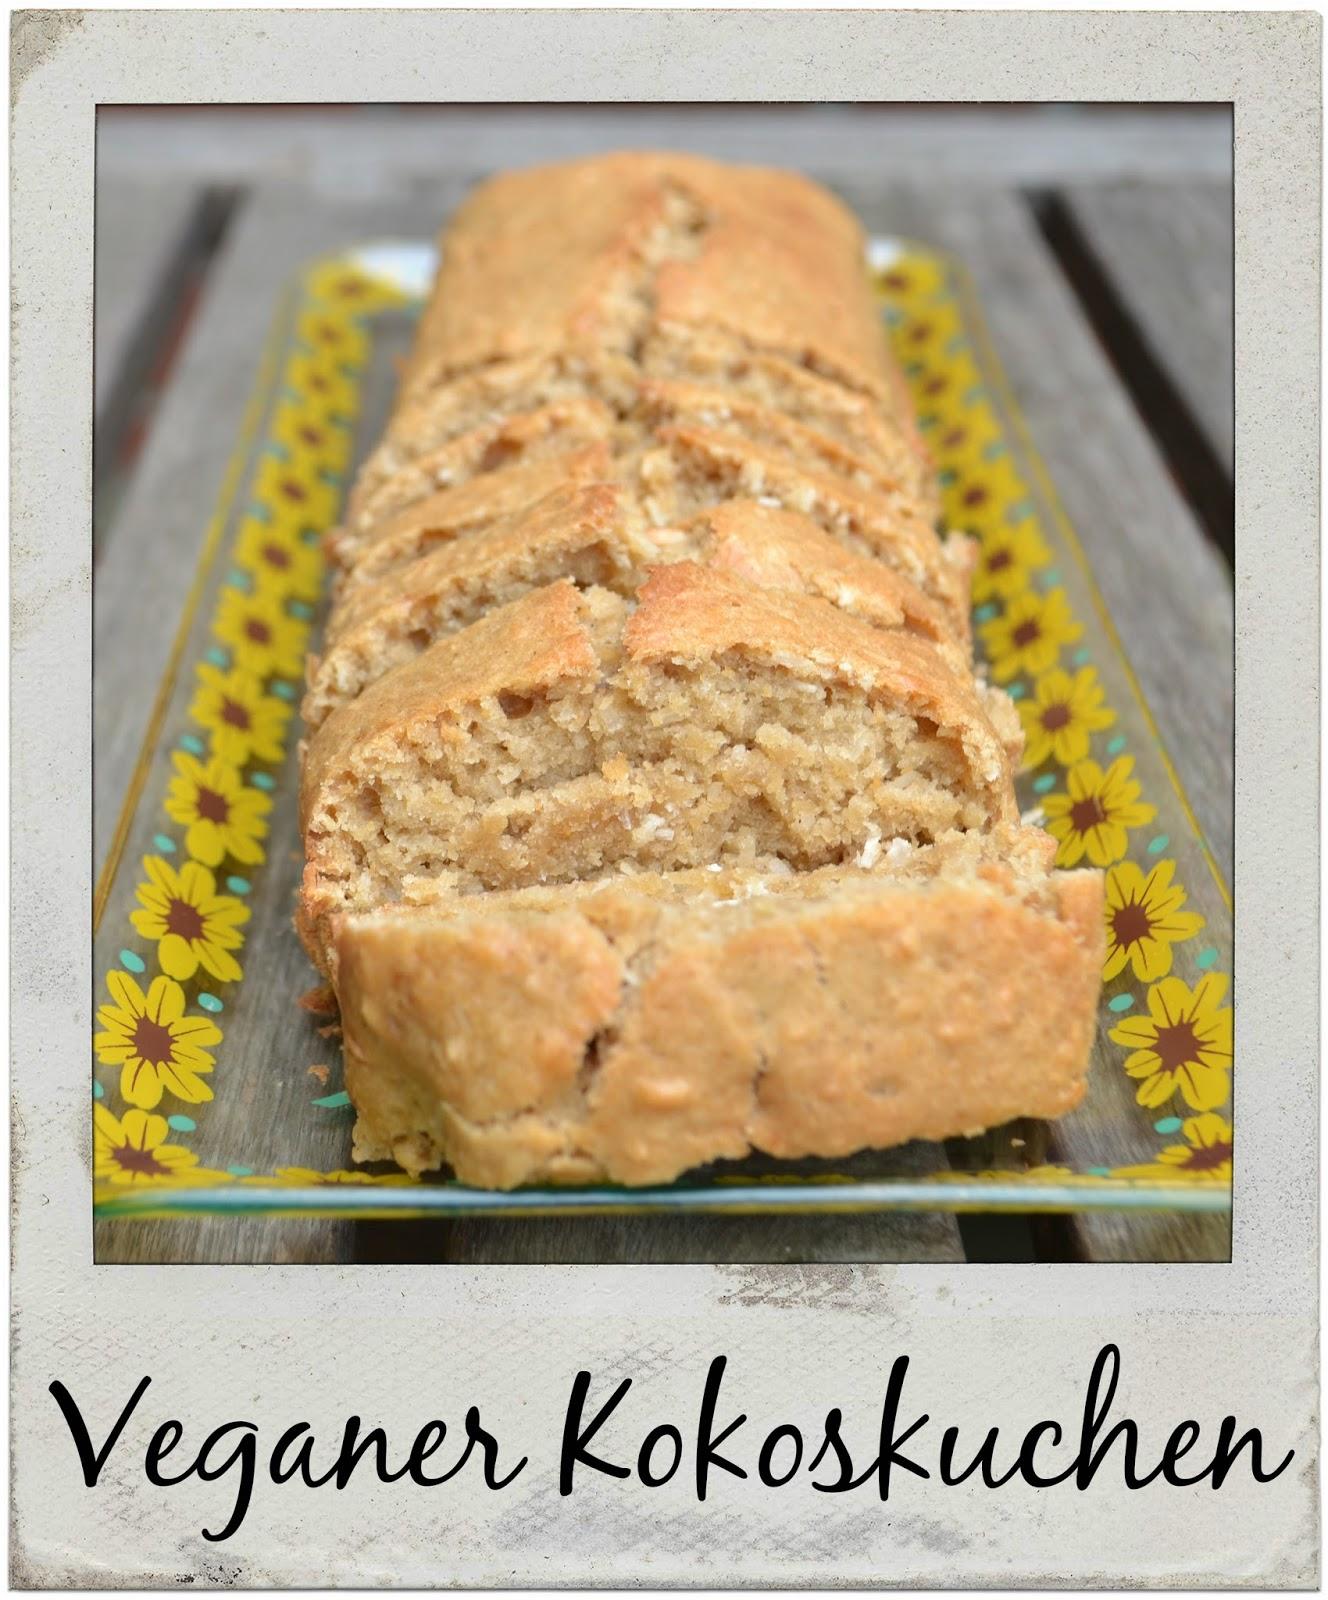 http://gemachtesundgedachtes.blogspot.de/2014/06/veganer-kokoskuchen-und-kokos-beerensmoothie.html